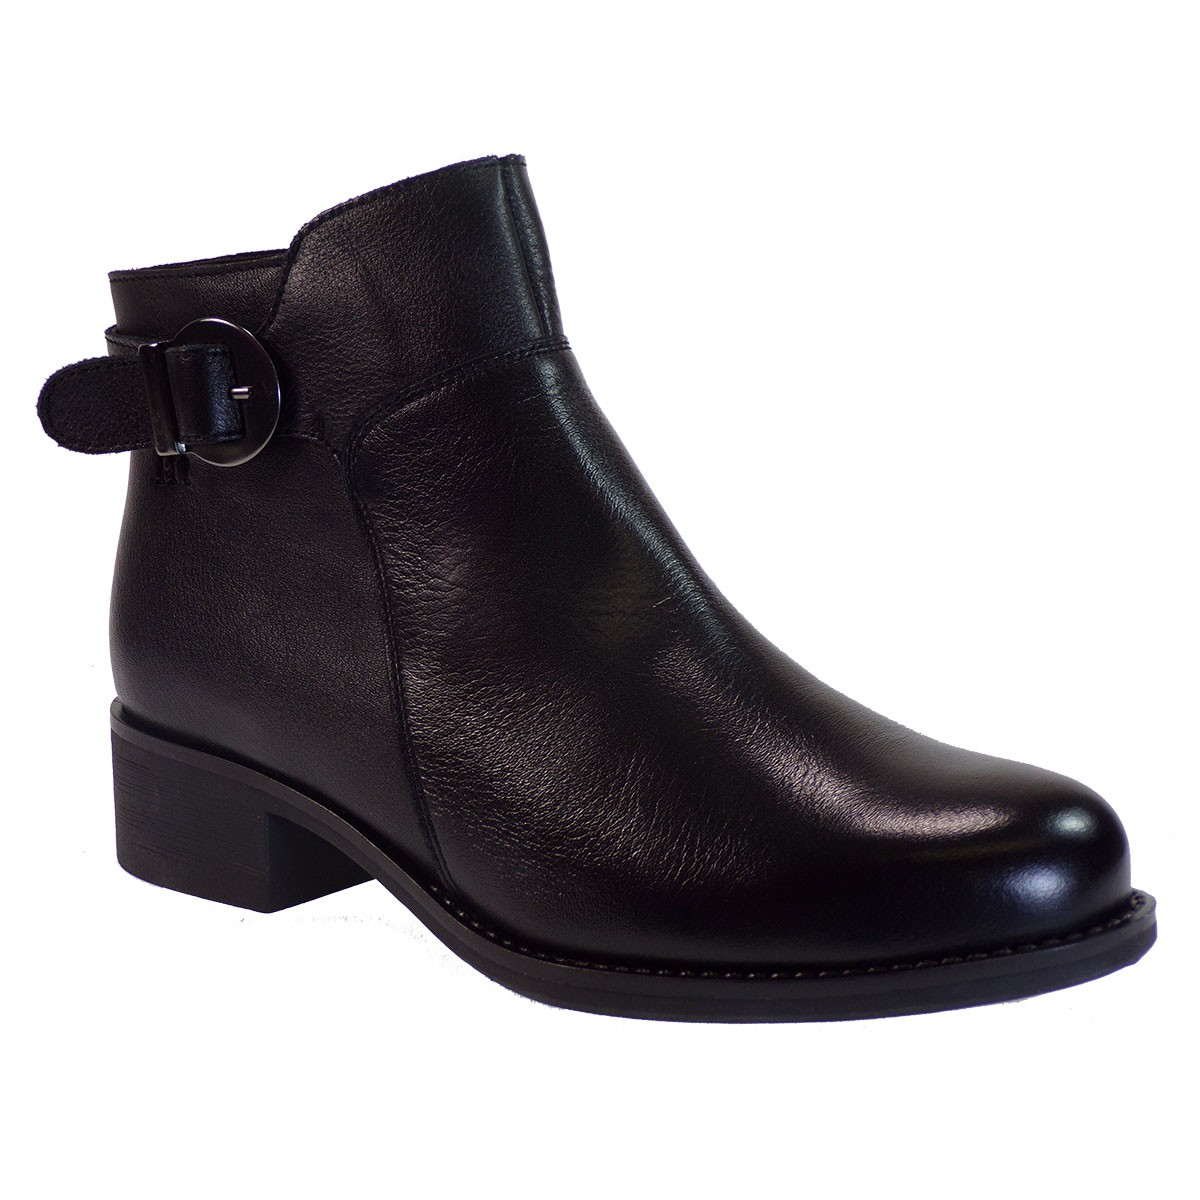 PEPE MENARGUES SHOES Γυναικεία Παπούτσια Μποτάκια 1131 Μαύρο Δέρμα